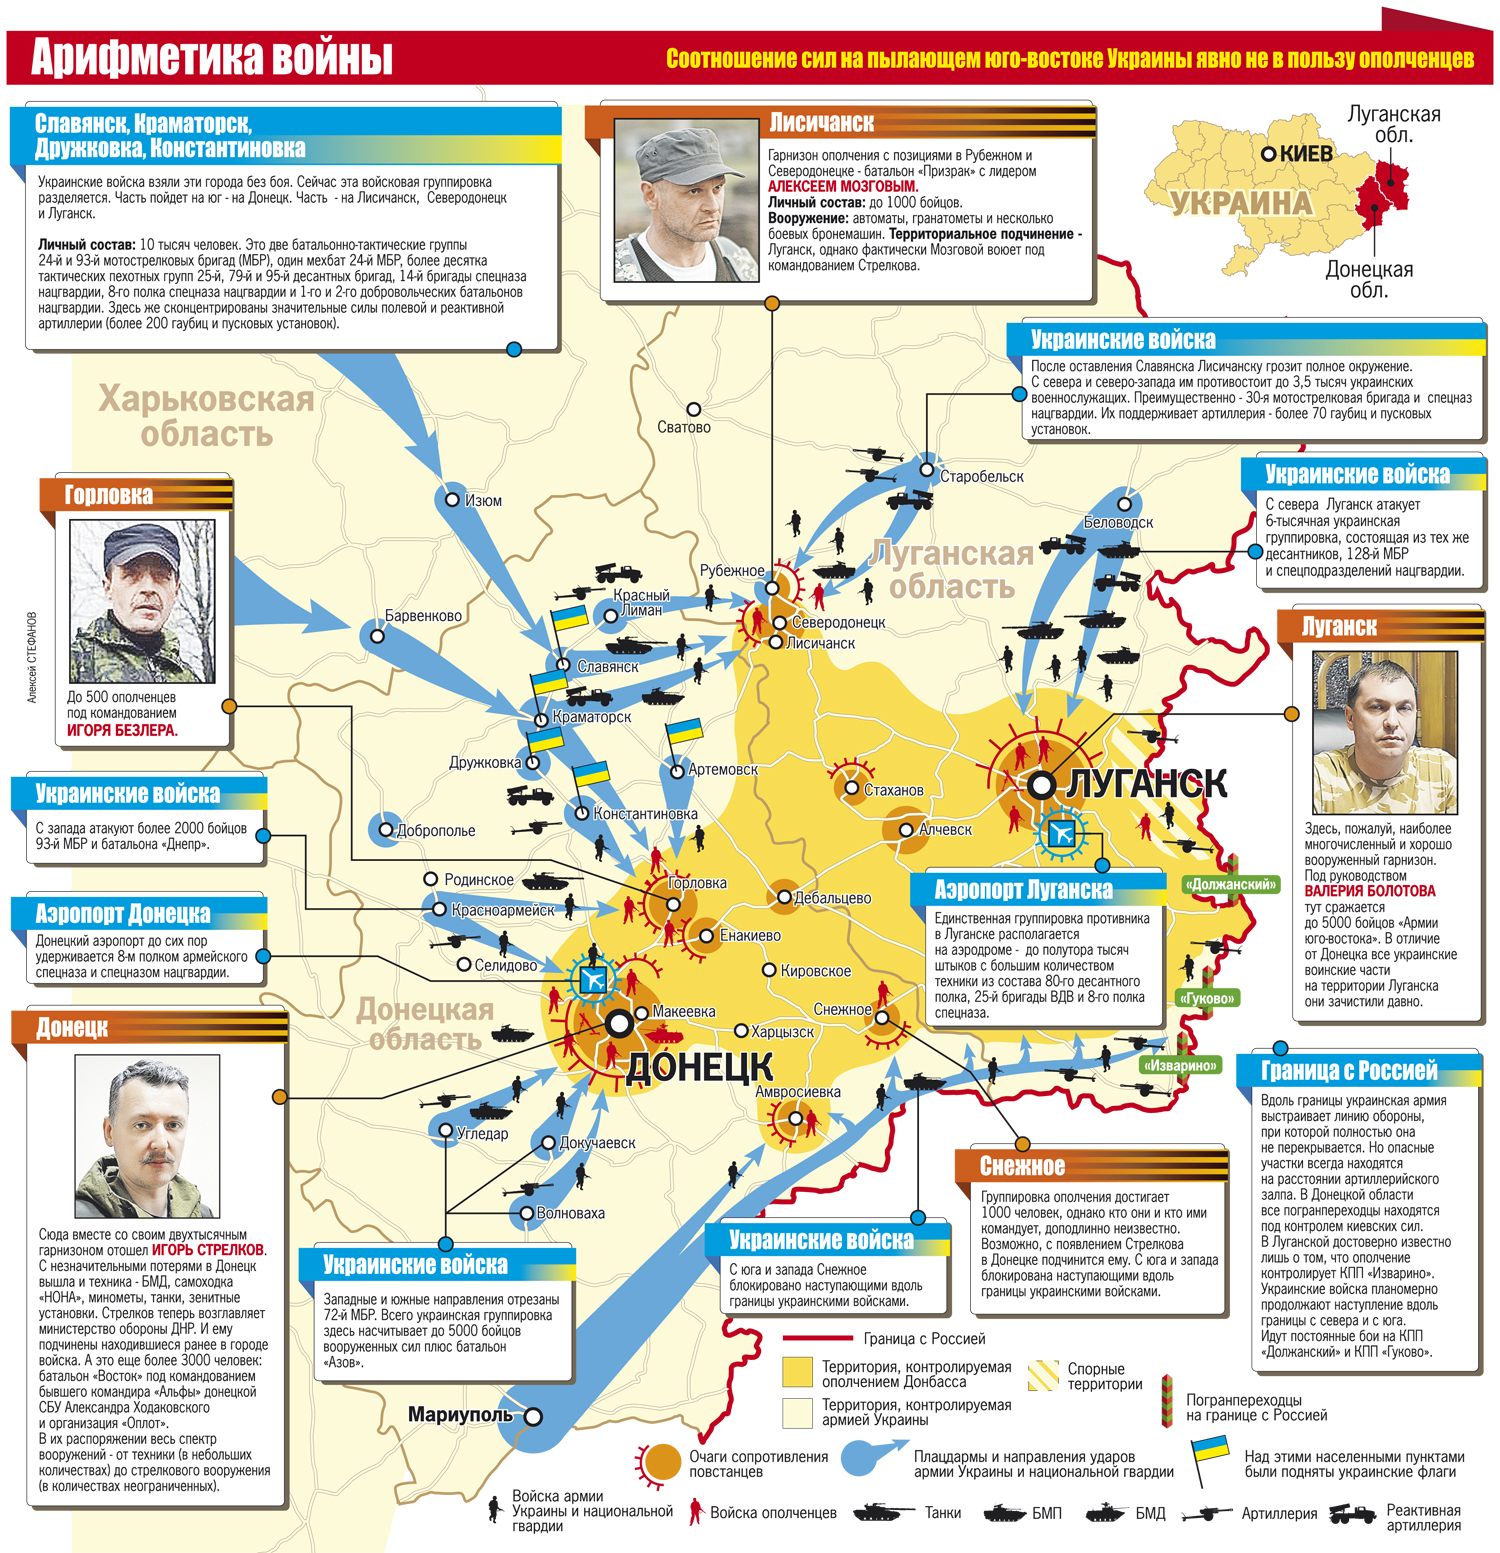 схема расположения войск в донецкой области